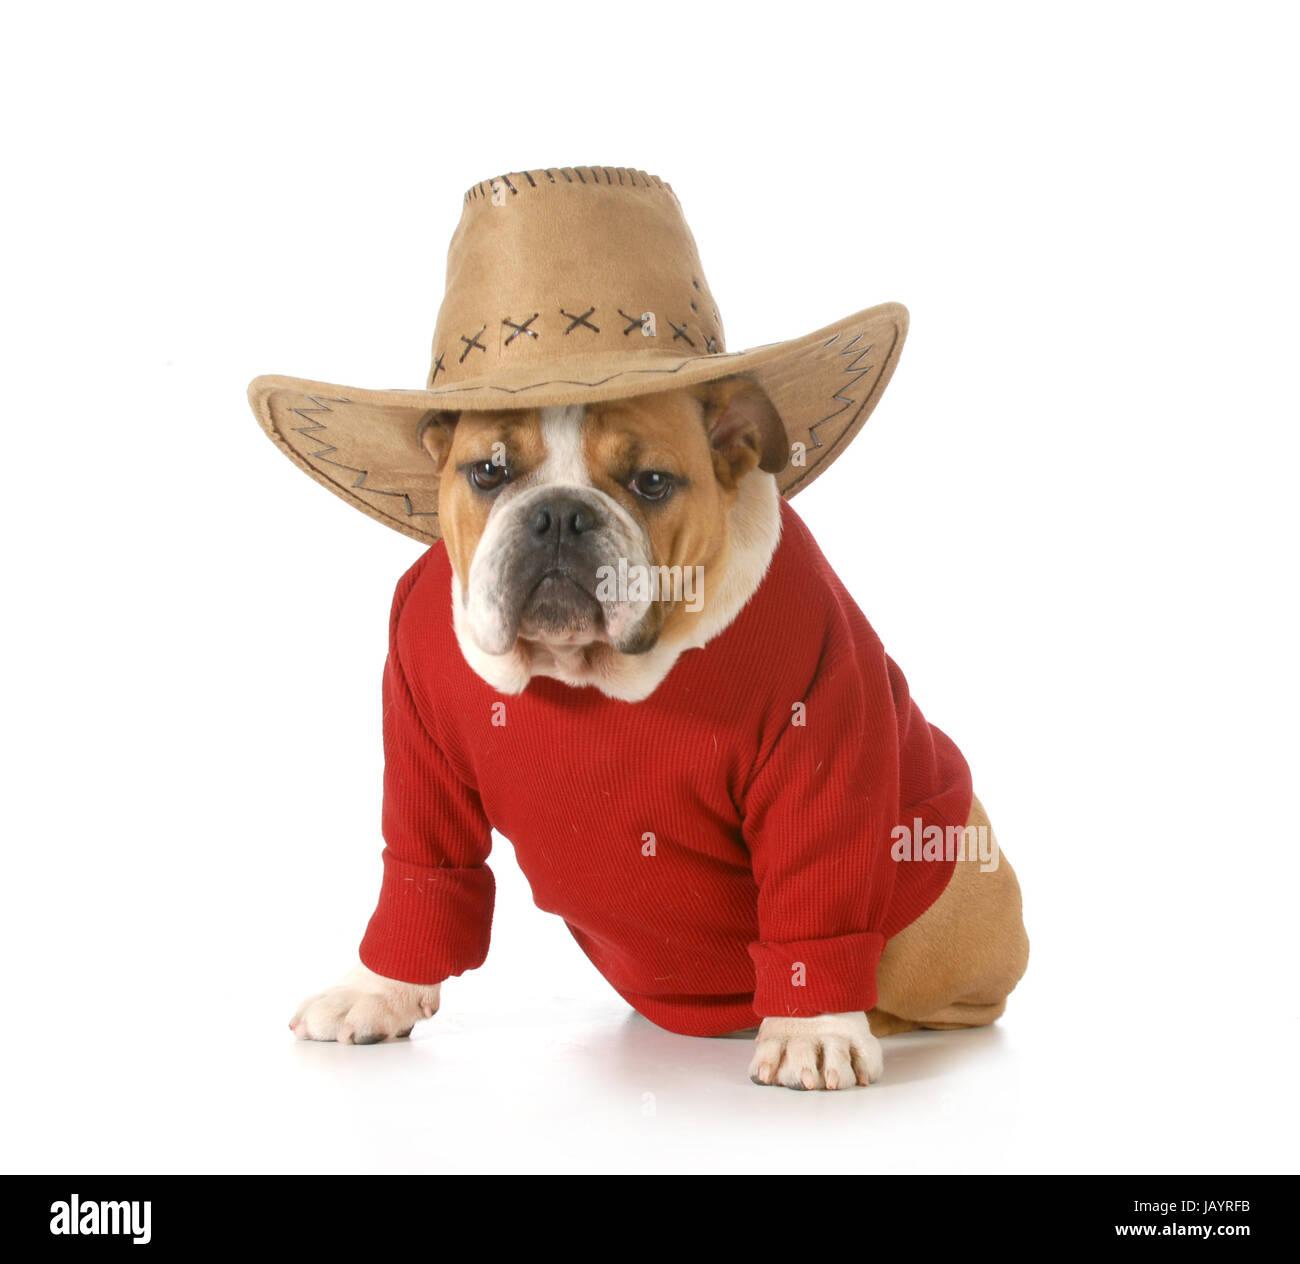 Paese cane - Bulldog inglese indossando maglietta rossa e western hat  isolati su sfondo bianco - b584c4221ceb